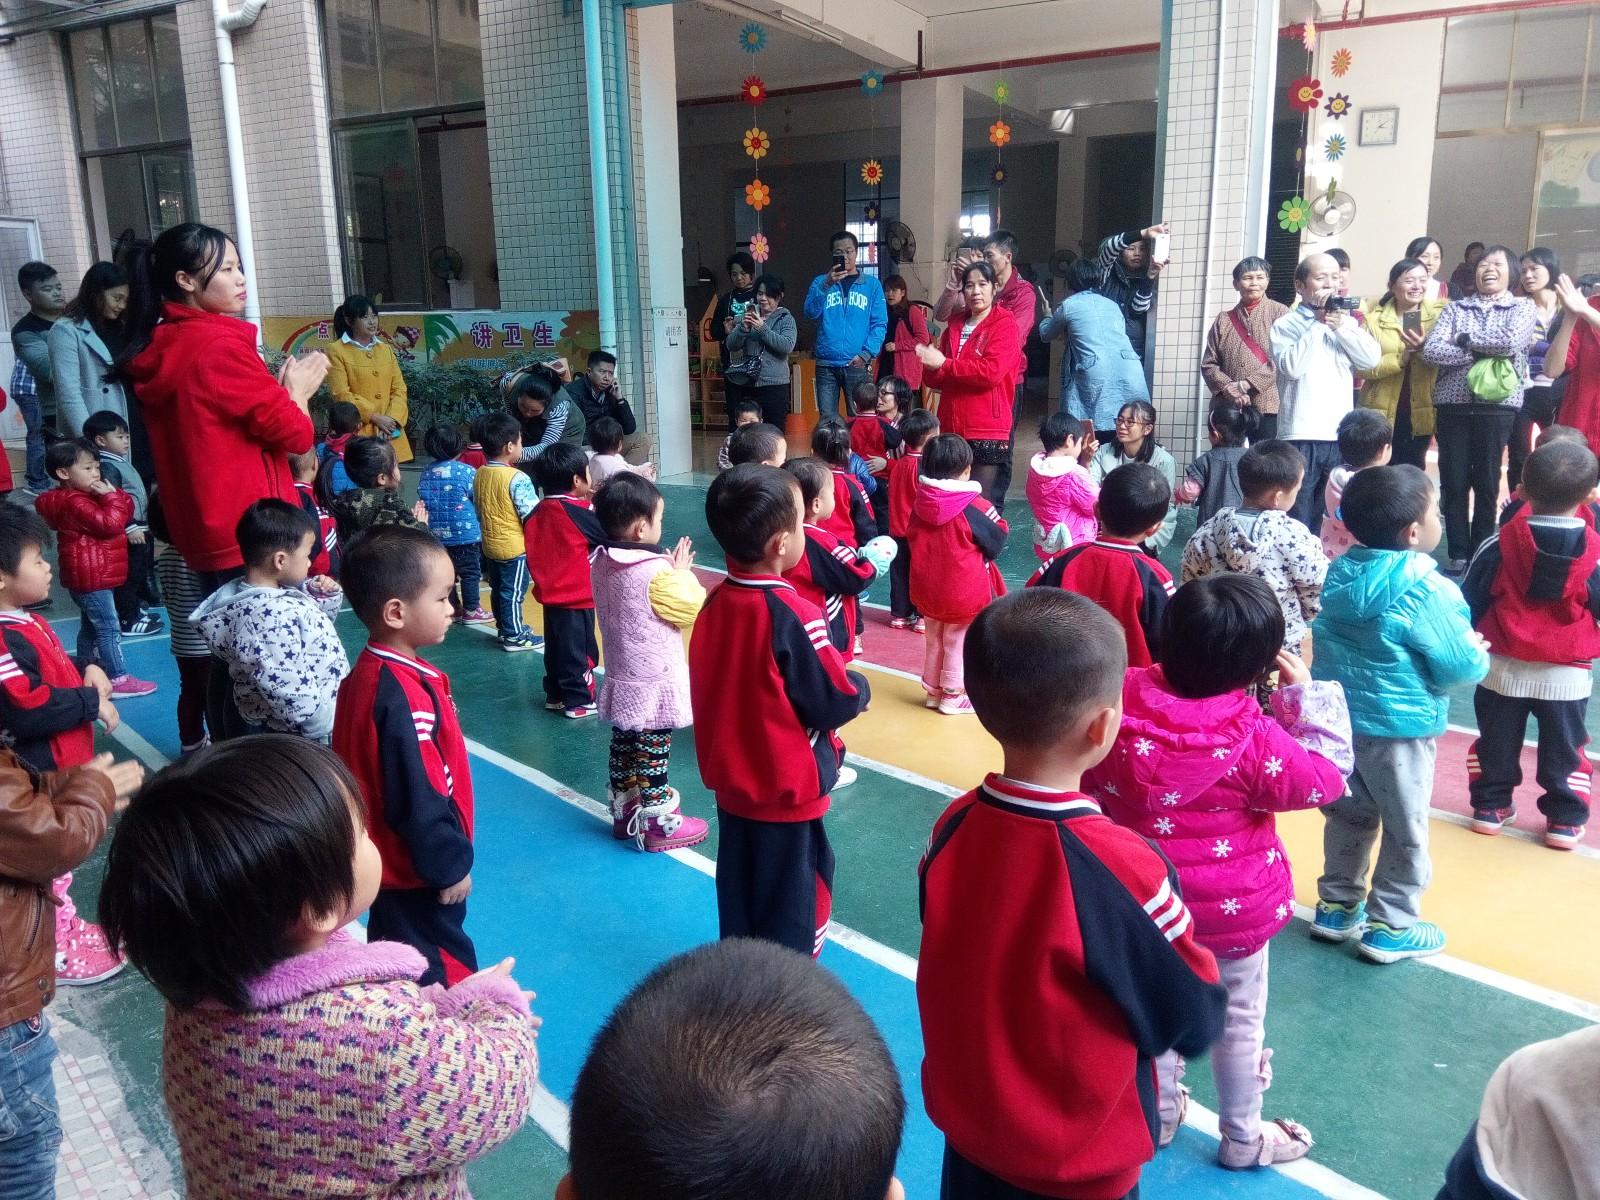 广州市白云区新世纪幼儿园欢乐时光